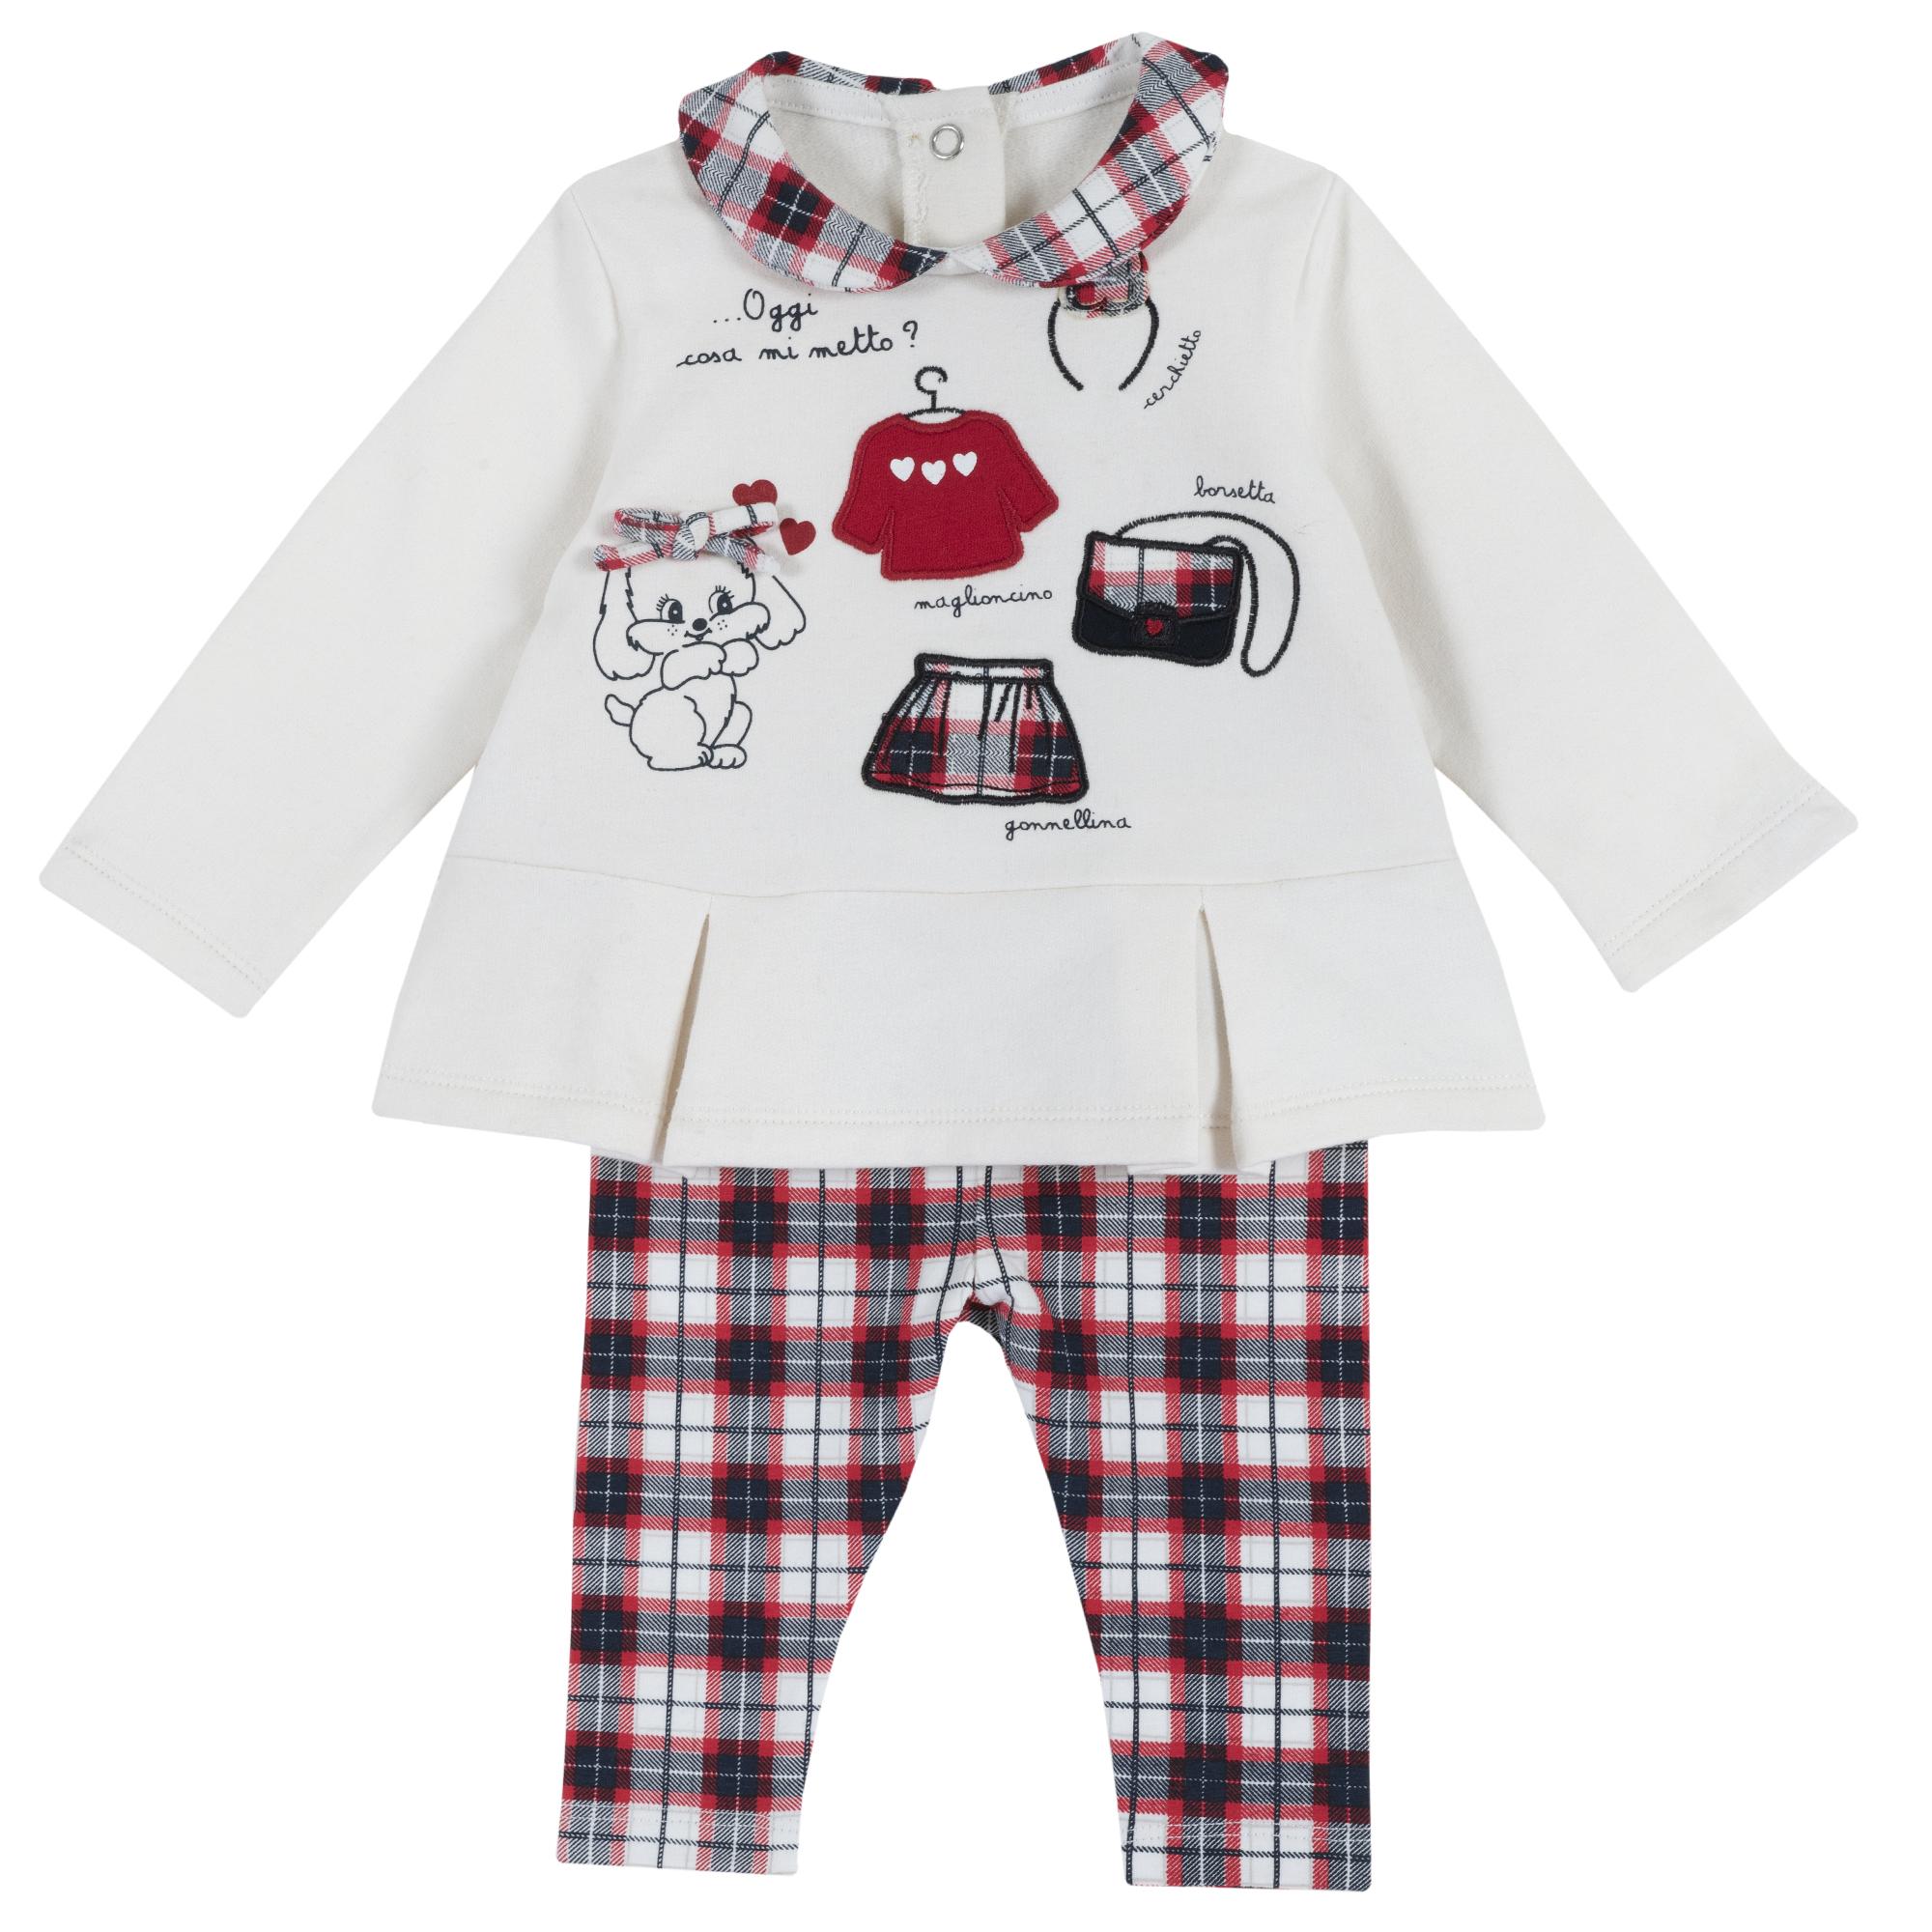 Costum Copii Chicco, Bluza Si Pantaloni, Multicolor, 77976 imagine